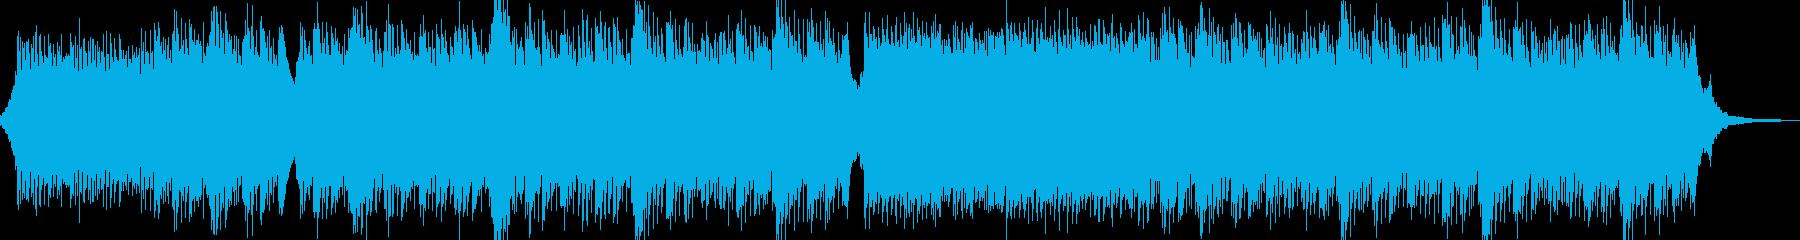 企業VP・爽やか・ギター・ピアノAA01の再生済みの波形